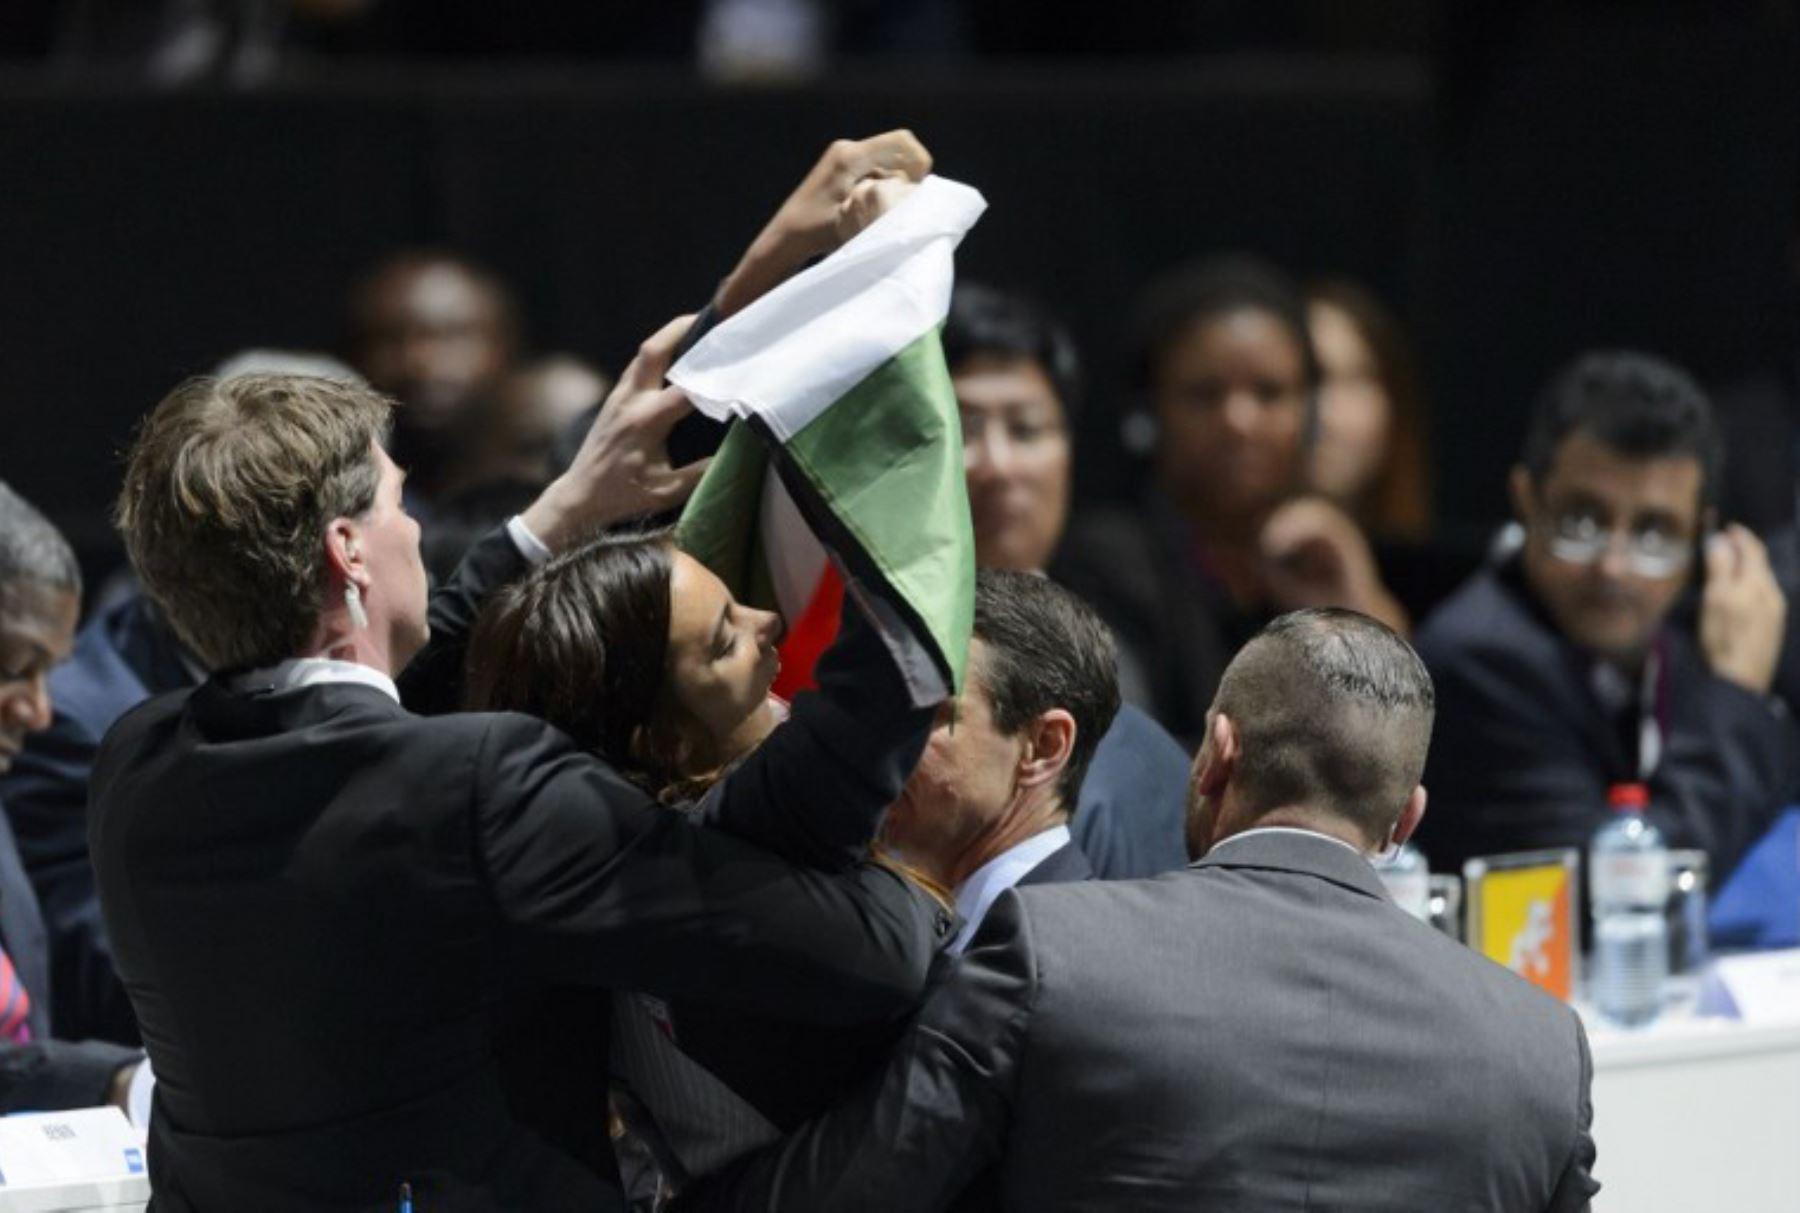 Agentes de seguridad evacuan un manifestante que sostiene una bandera palestina quien pide expulsar a Israel de la FIFA . Foto:AFP